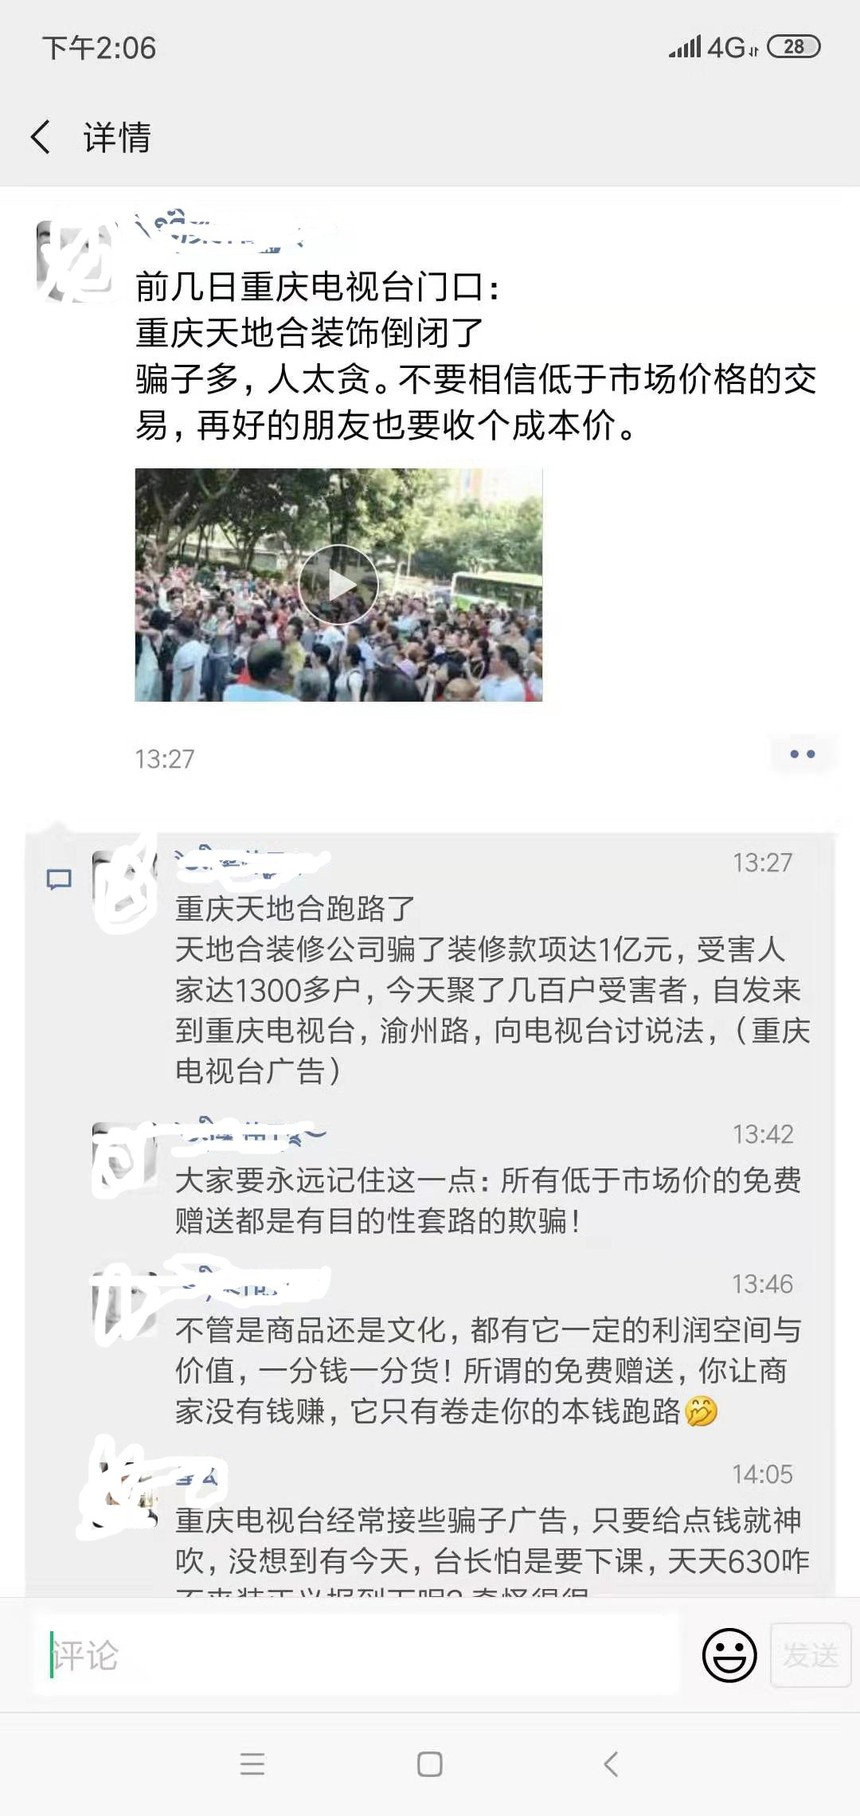 重庆电视台虚假广告.jpg